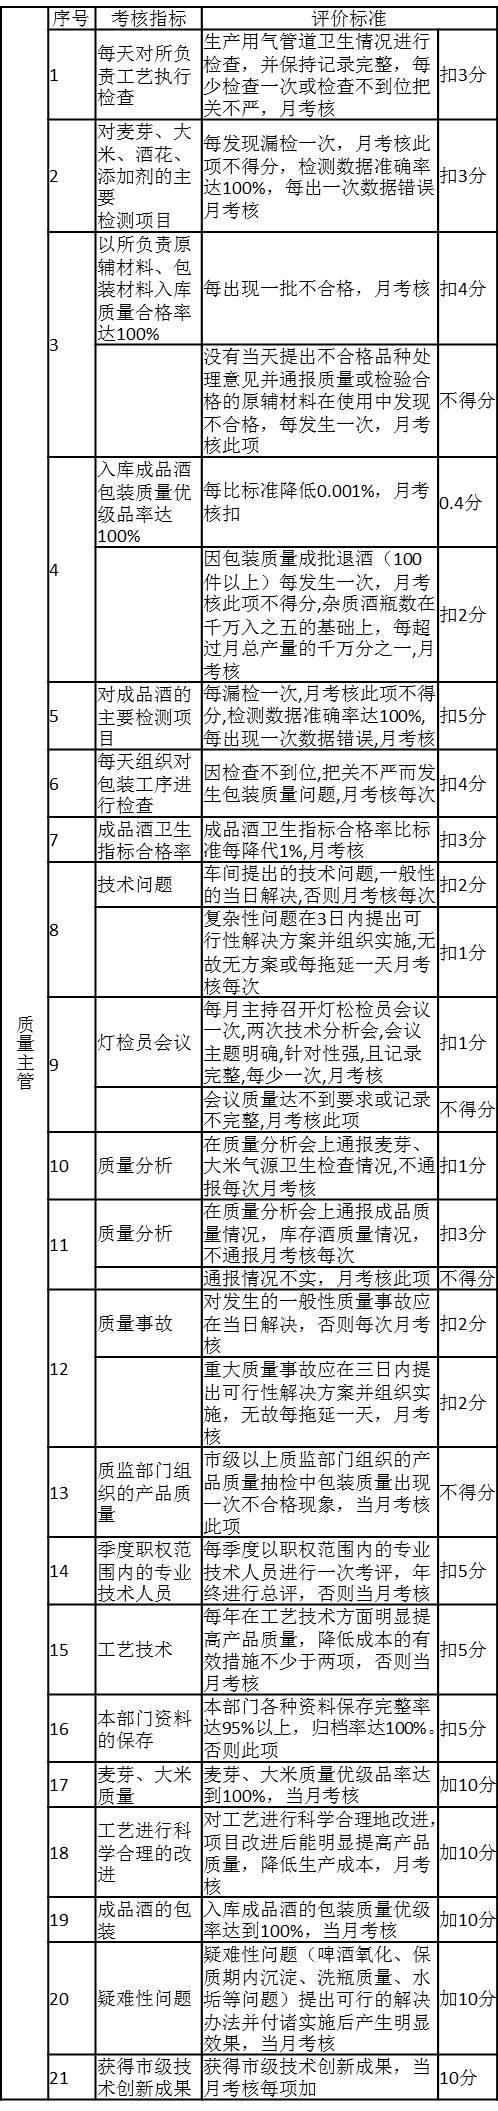 表3-1 质量主管绩效考核内容